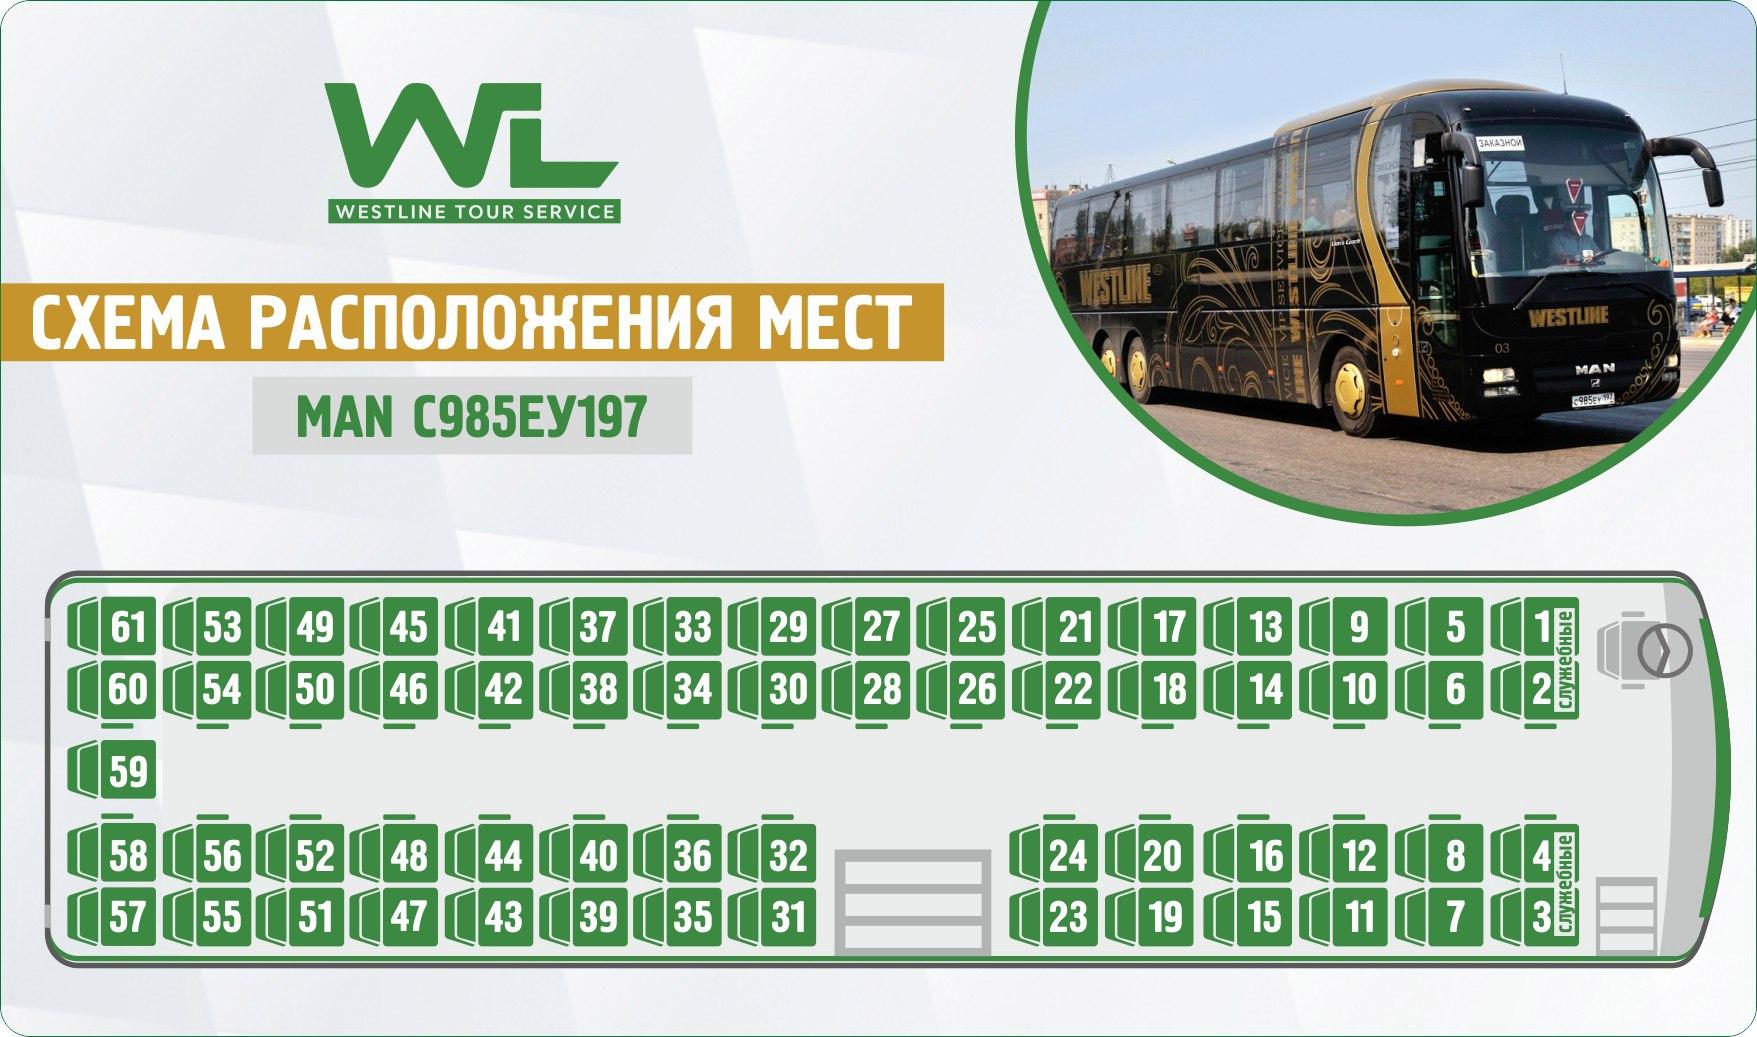 Схема рейсовых автобусов